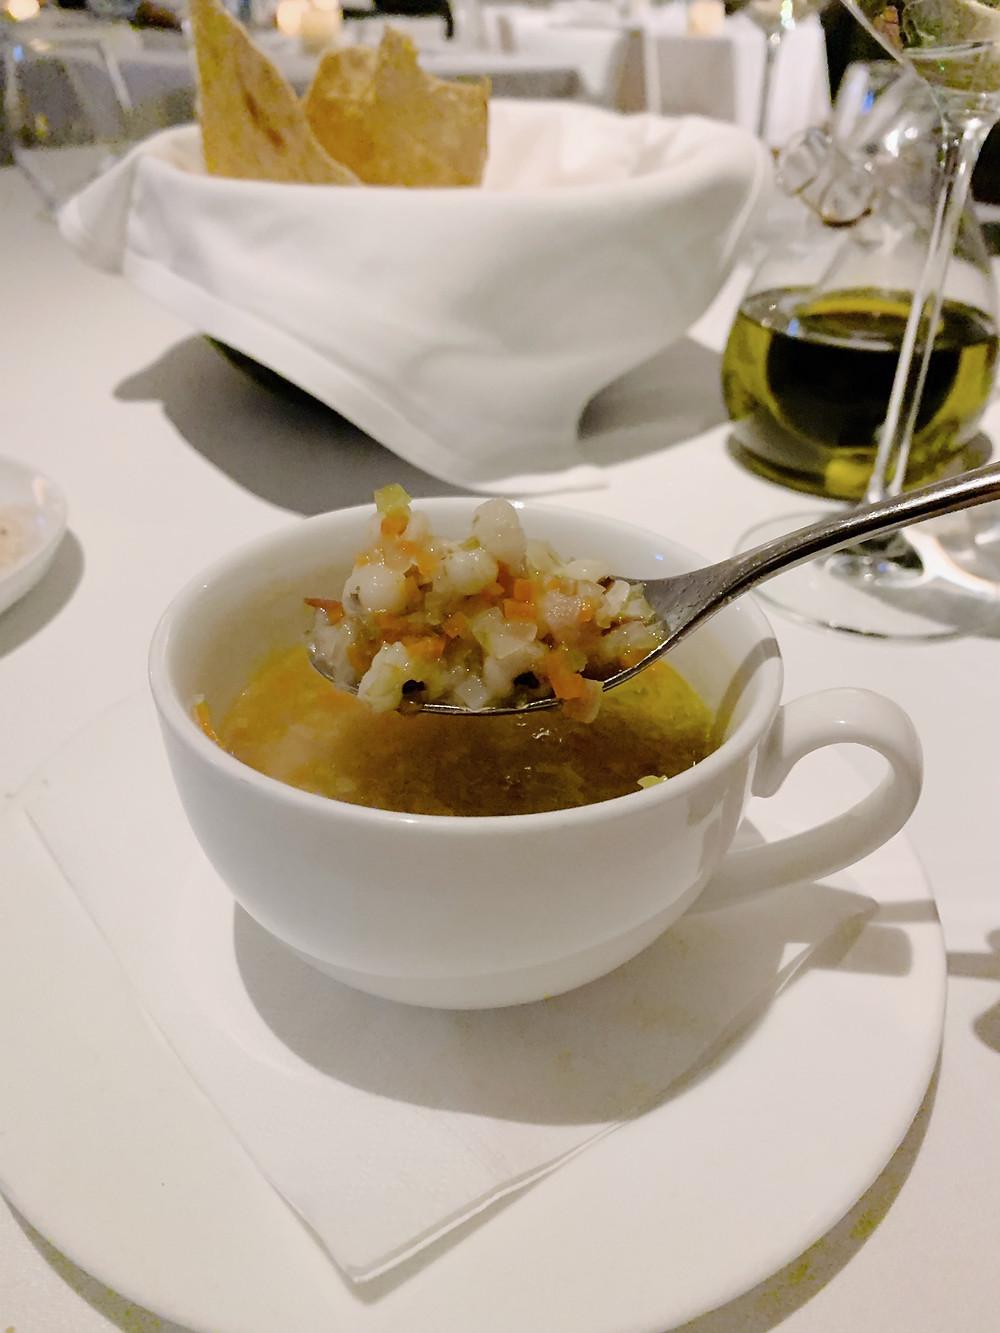 Food at Isola Italian restaurant at IFC mall in Hong Kong